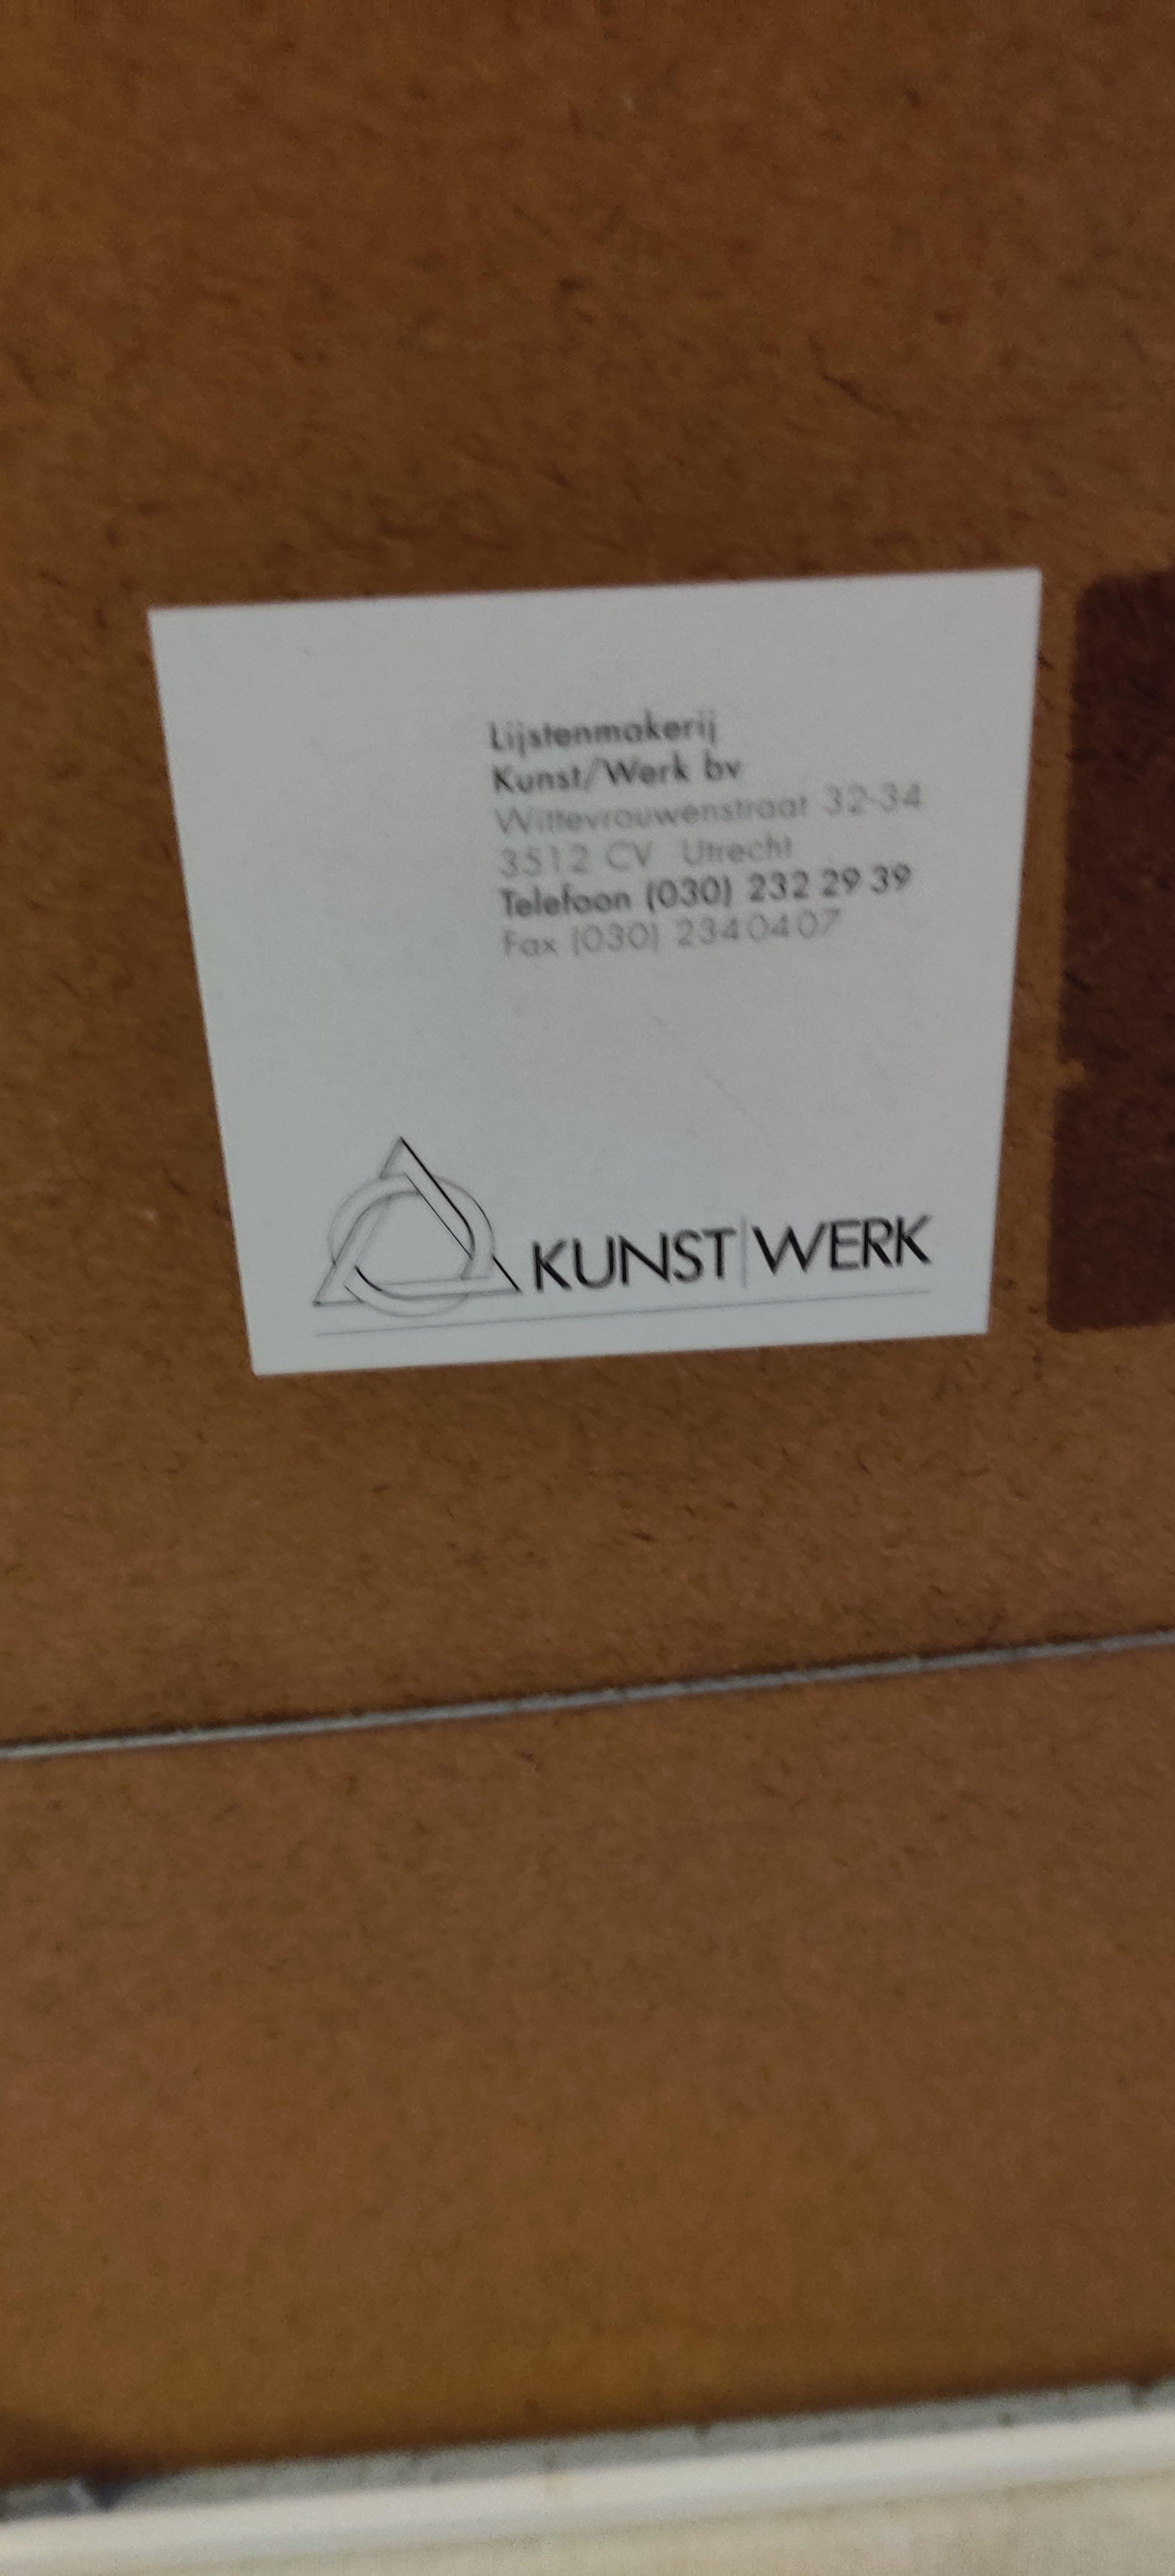 Fenneke van der Elst - Fenneke van der Elst: Zeefdruk, Tafeltje met groen kleed en schaal - Ingelijst kopen? Bied vanaf 5!